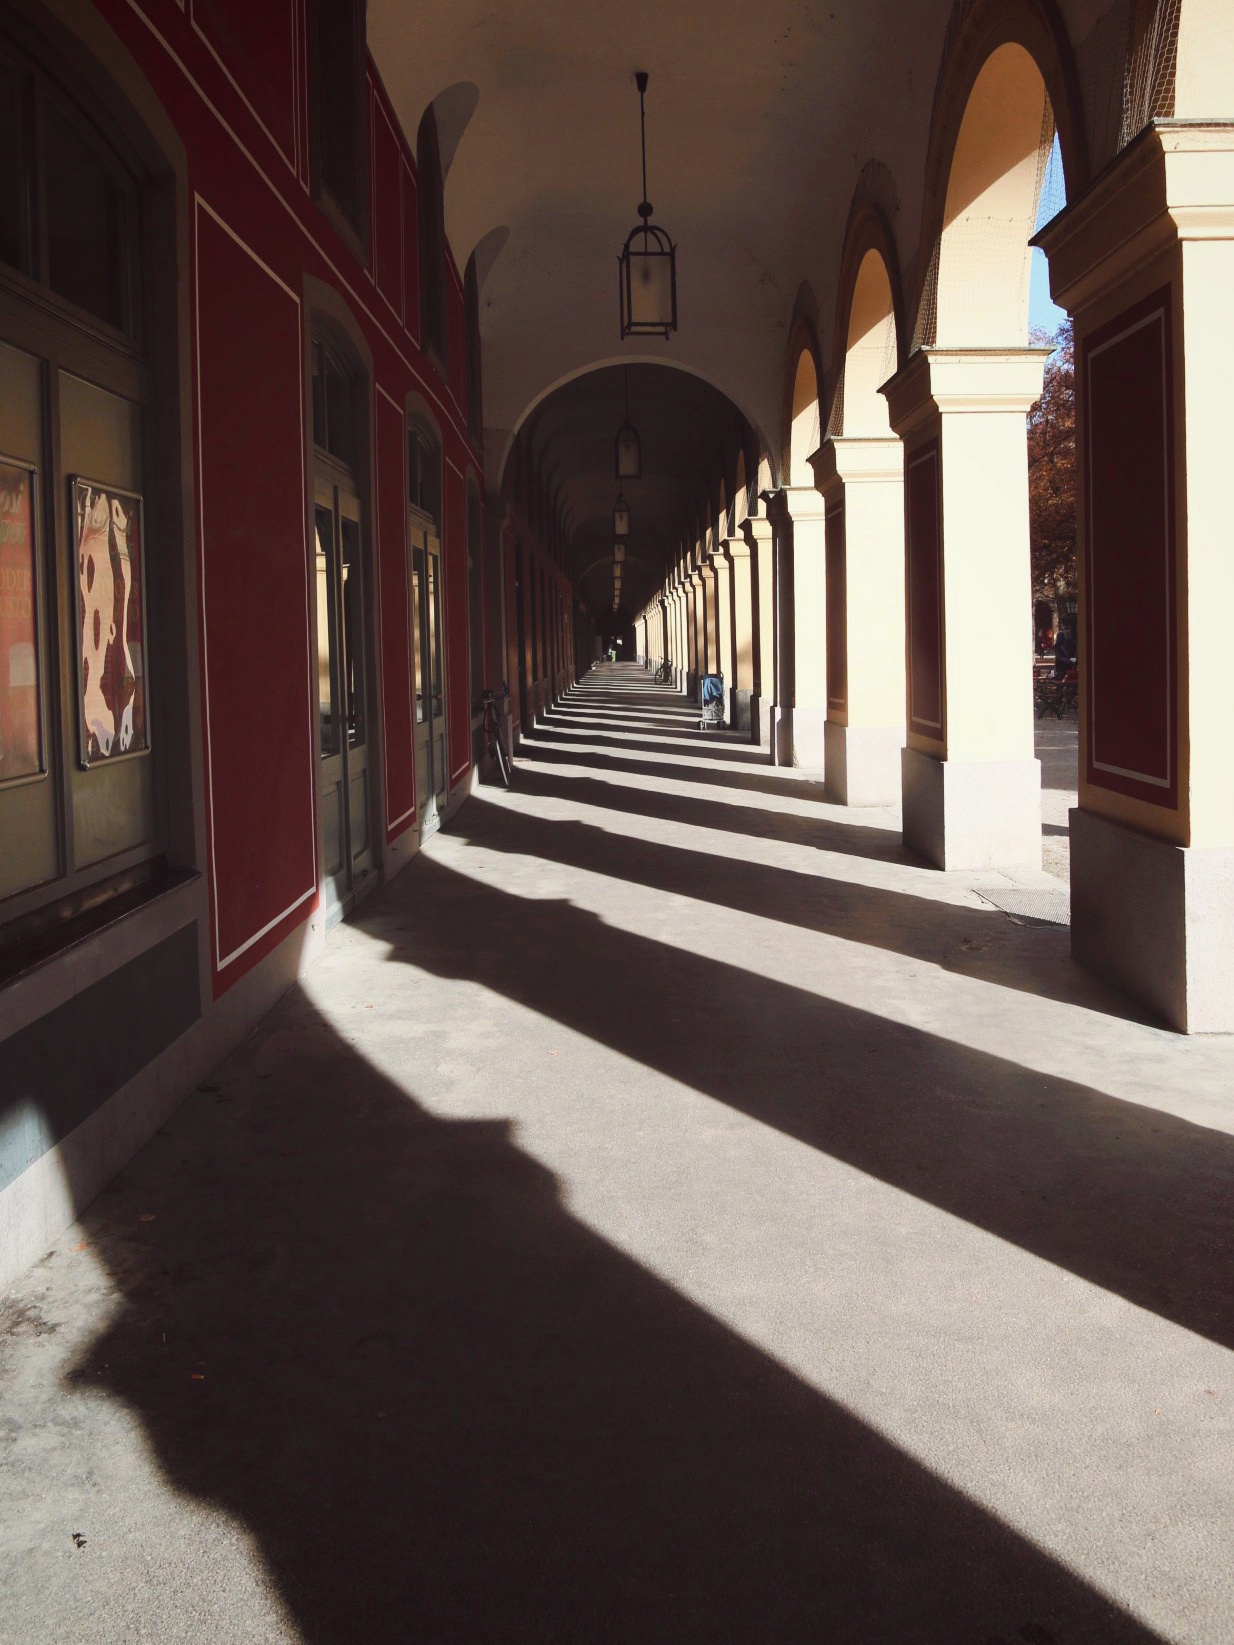 Hofgarten when the light is just right